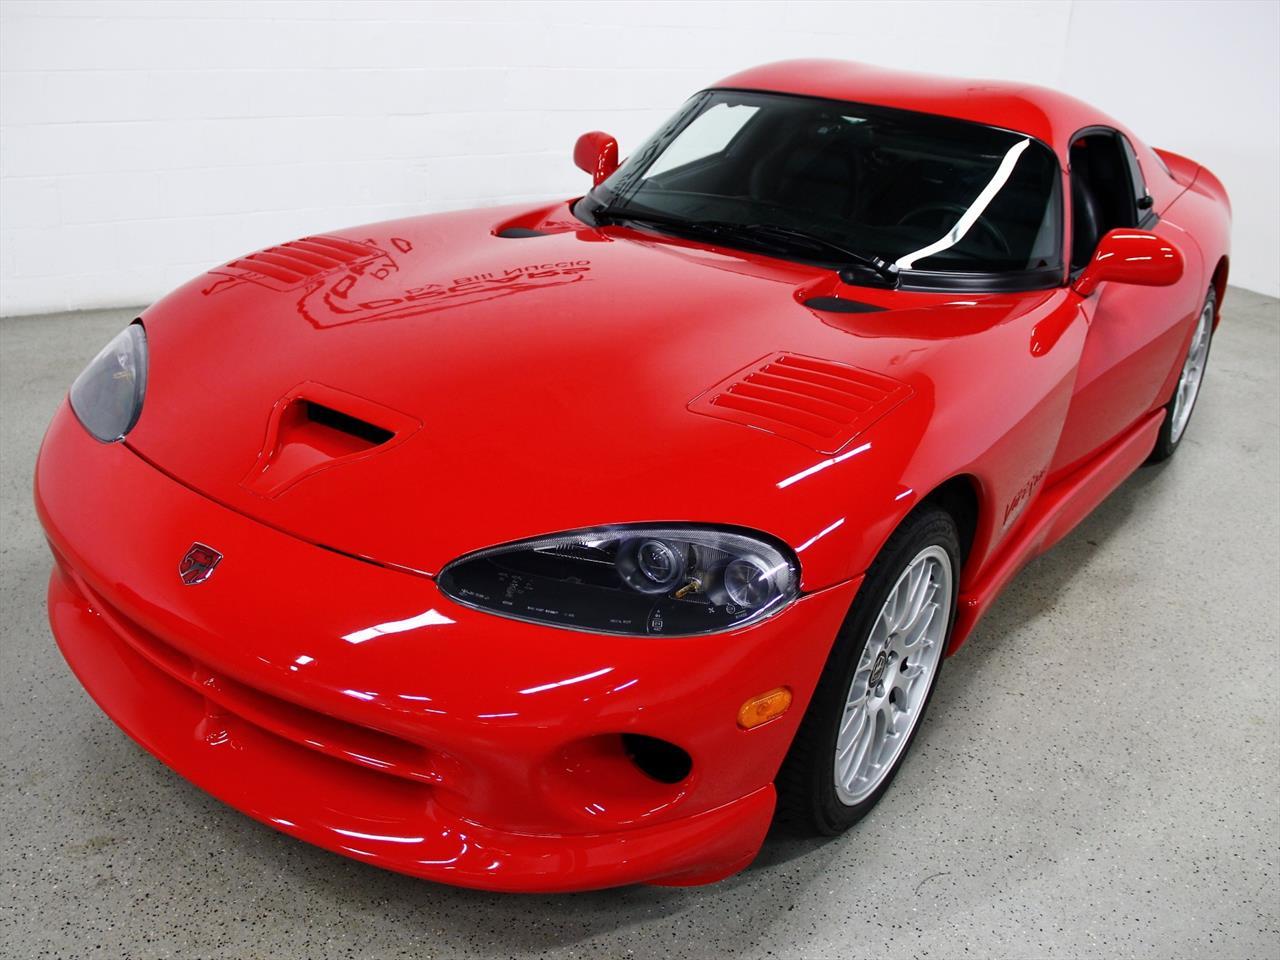 2001 Dodge Viper Gts Acr